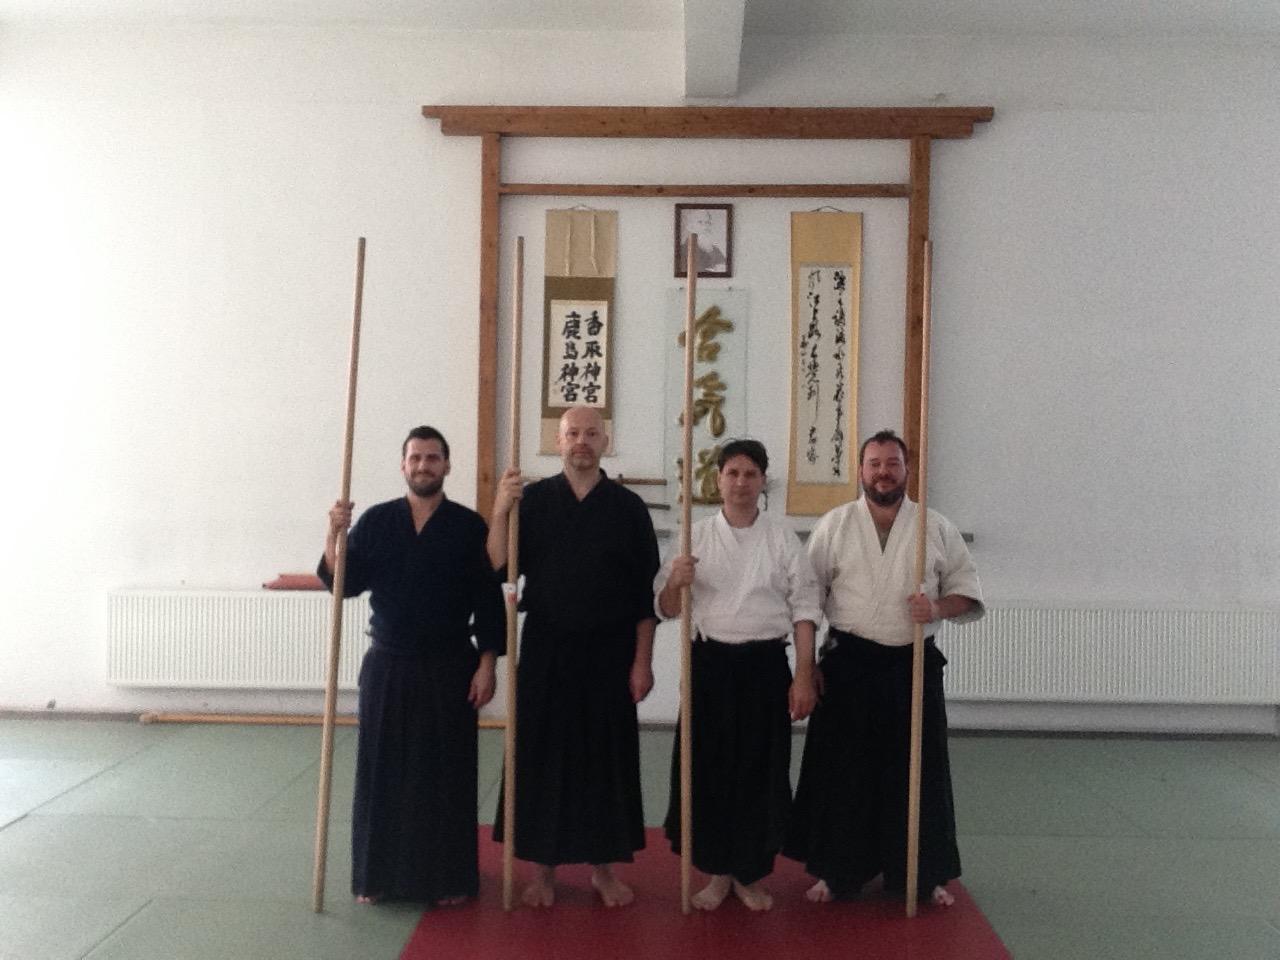 calm-an-storm-martial-arts-budojo-shiseikan-budo-kashima-shin-sojutsu-seminar-2016-group-photo